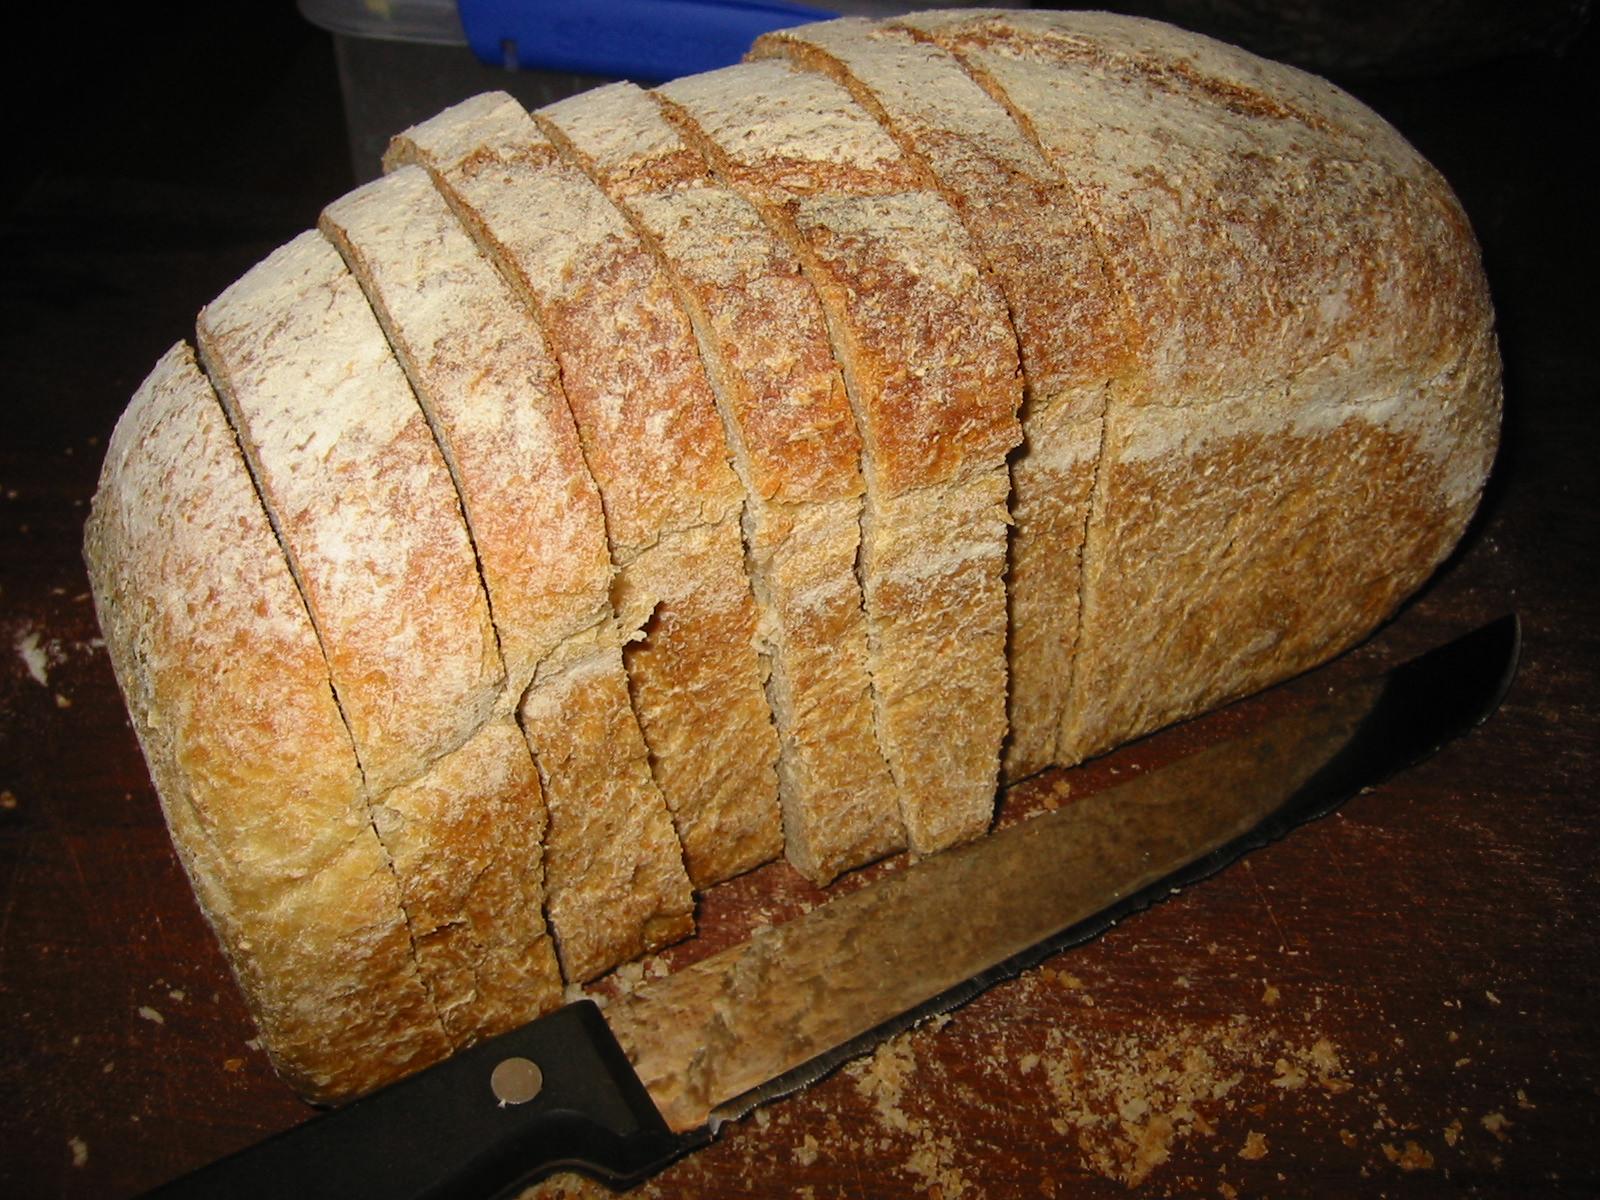 New Norcia bread